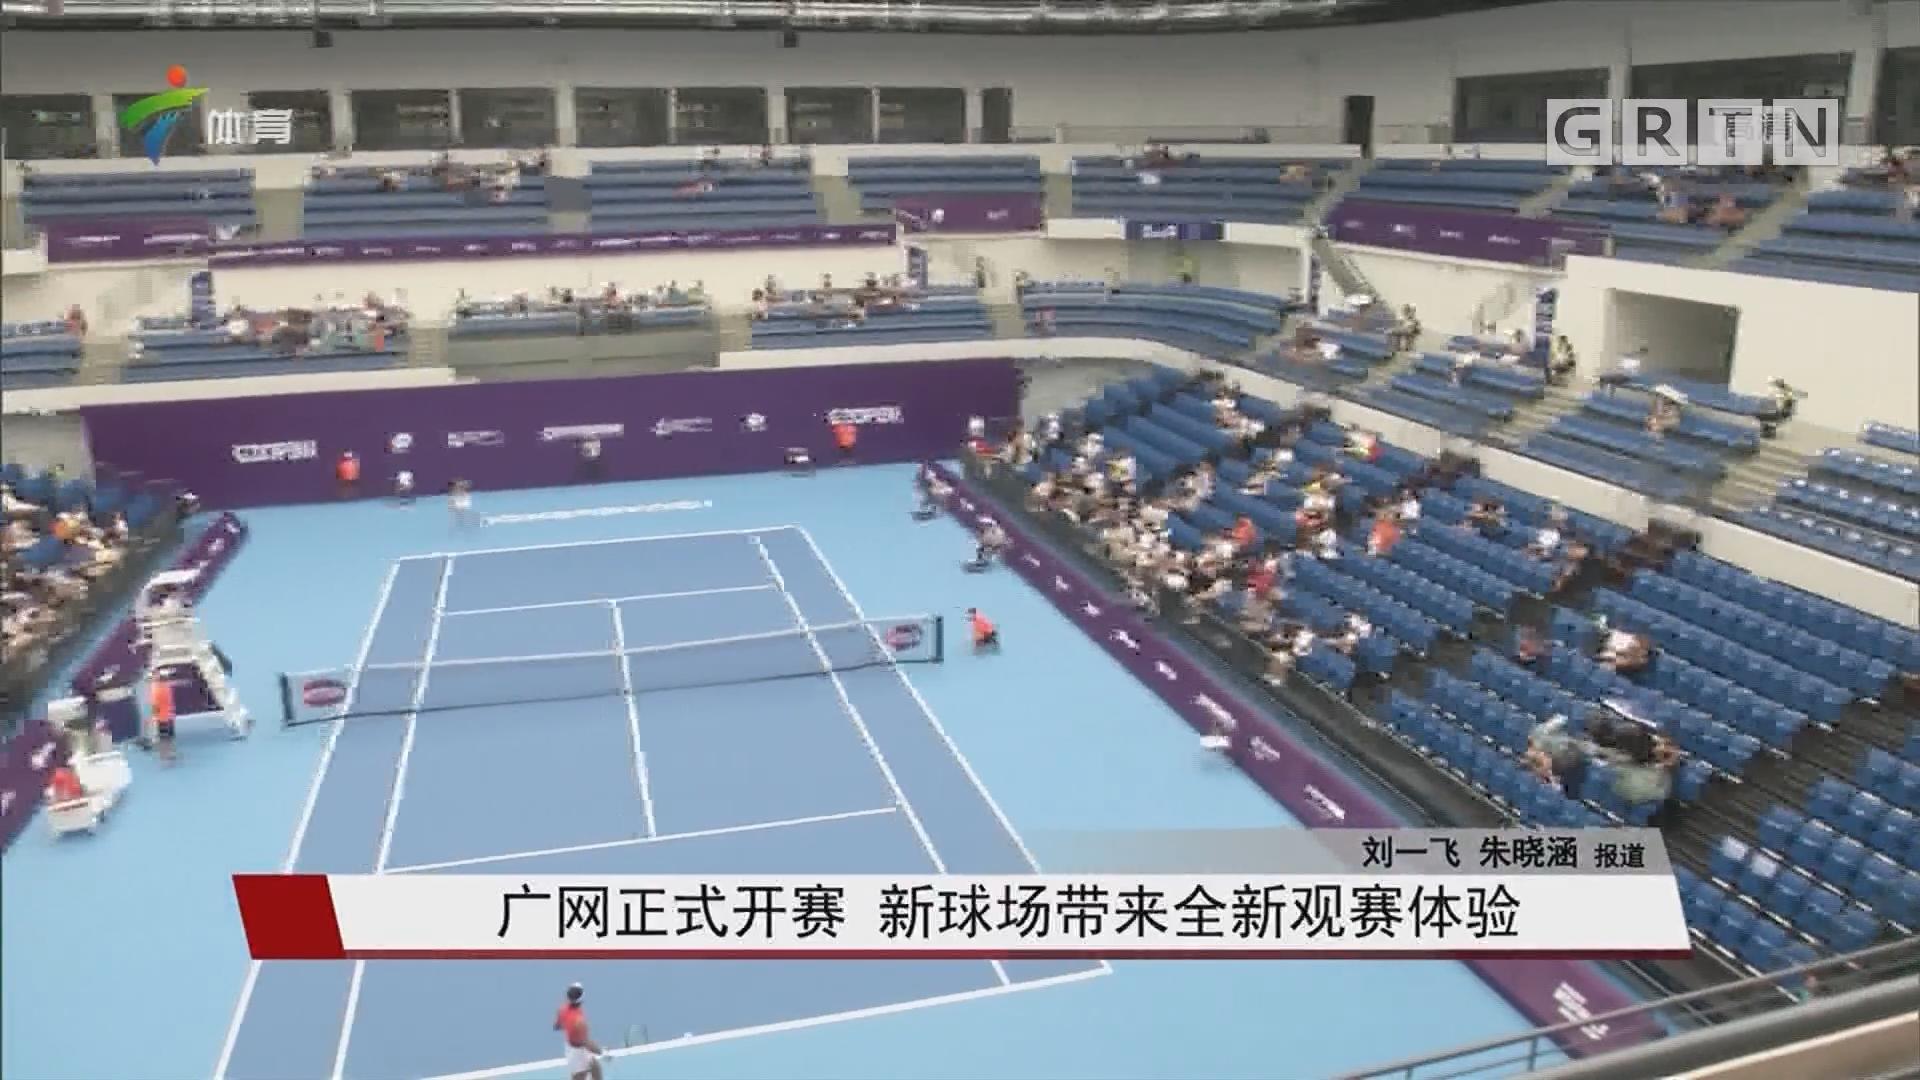 广网正式开赛 新球场带来全新观赛体验